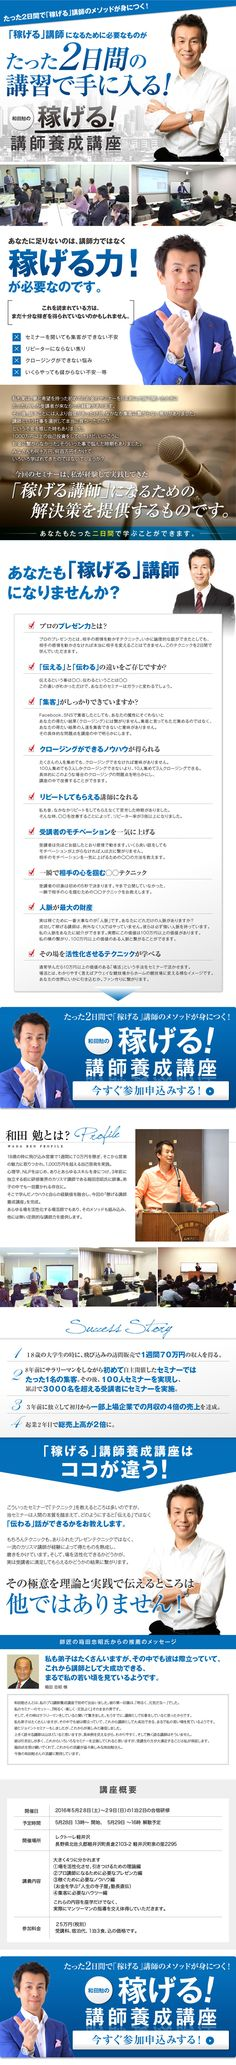 稼げる!講師養成講座 Web Design, Banner, Website, Business, Banners, Design Web, Site Design